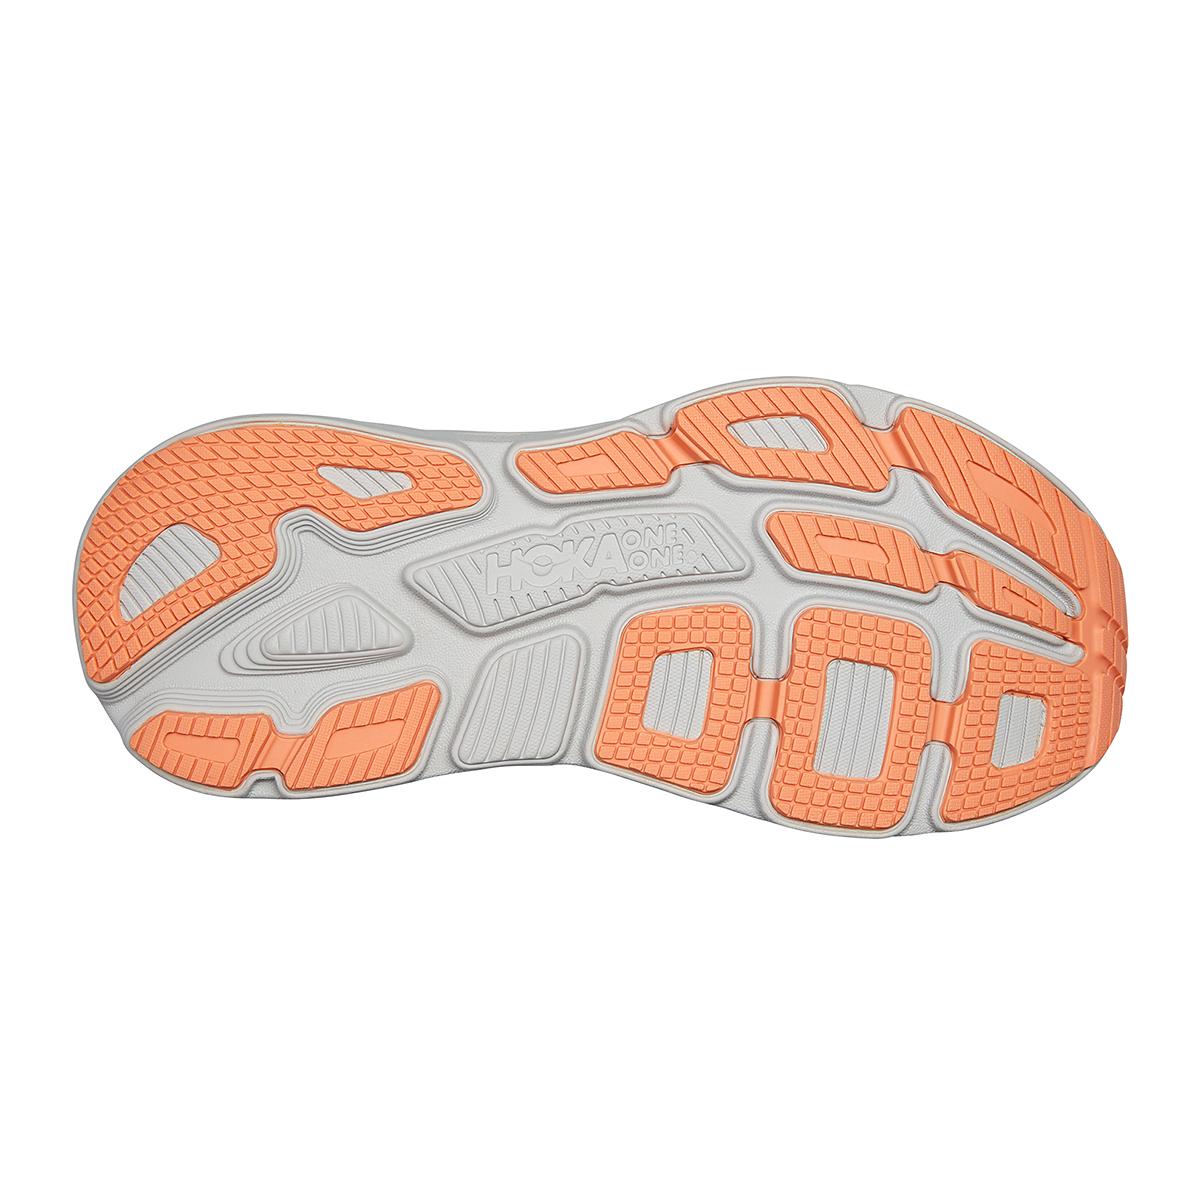 Women's Hoka One One Bondi 7 Running Shoe - Color: Harbor Mist/Sharkskin - Size: 5 - Width: Regular, Harbor Mist/Sharkskin, large, image 6